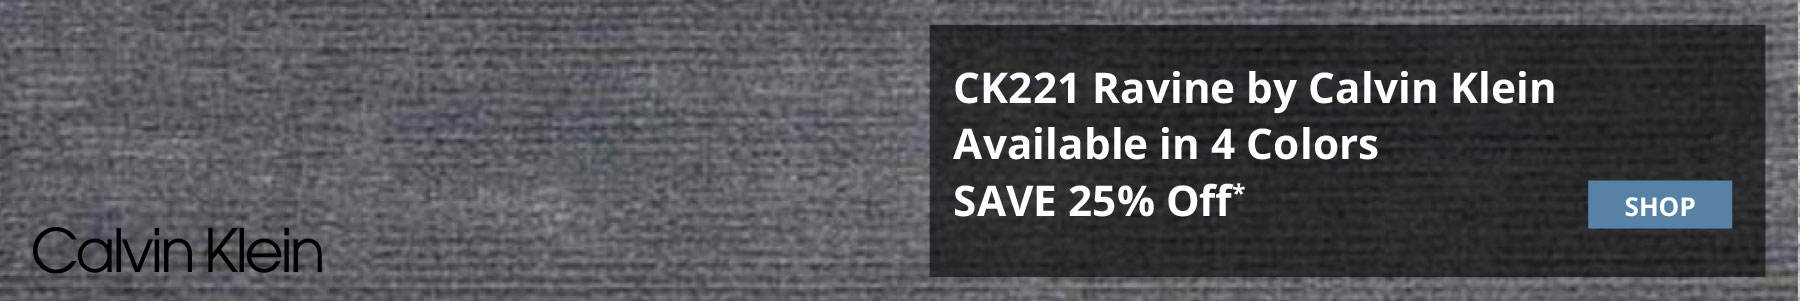 Calvin Klein CK221 Ravine